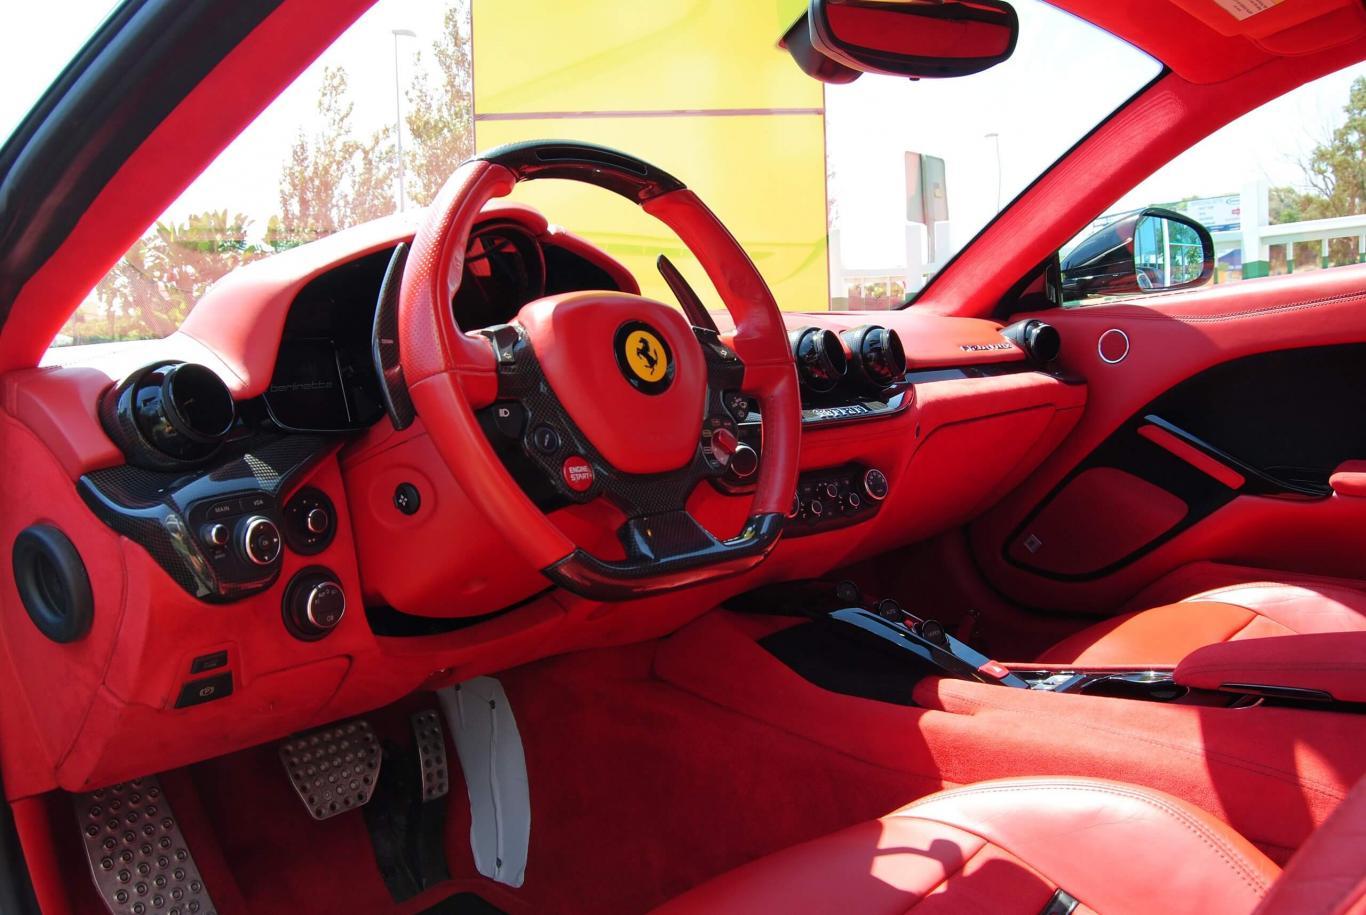 Ferrari F12 Berlinetta Black